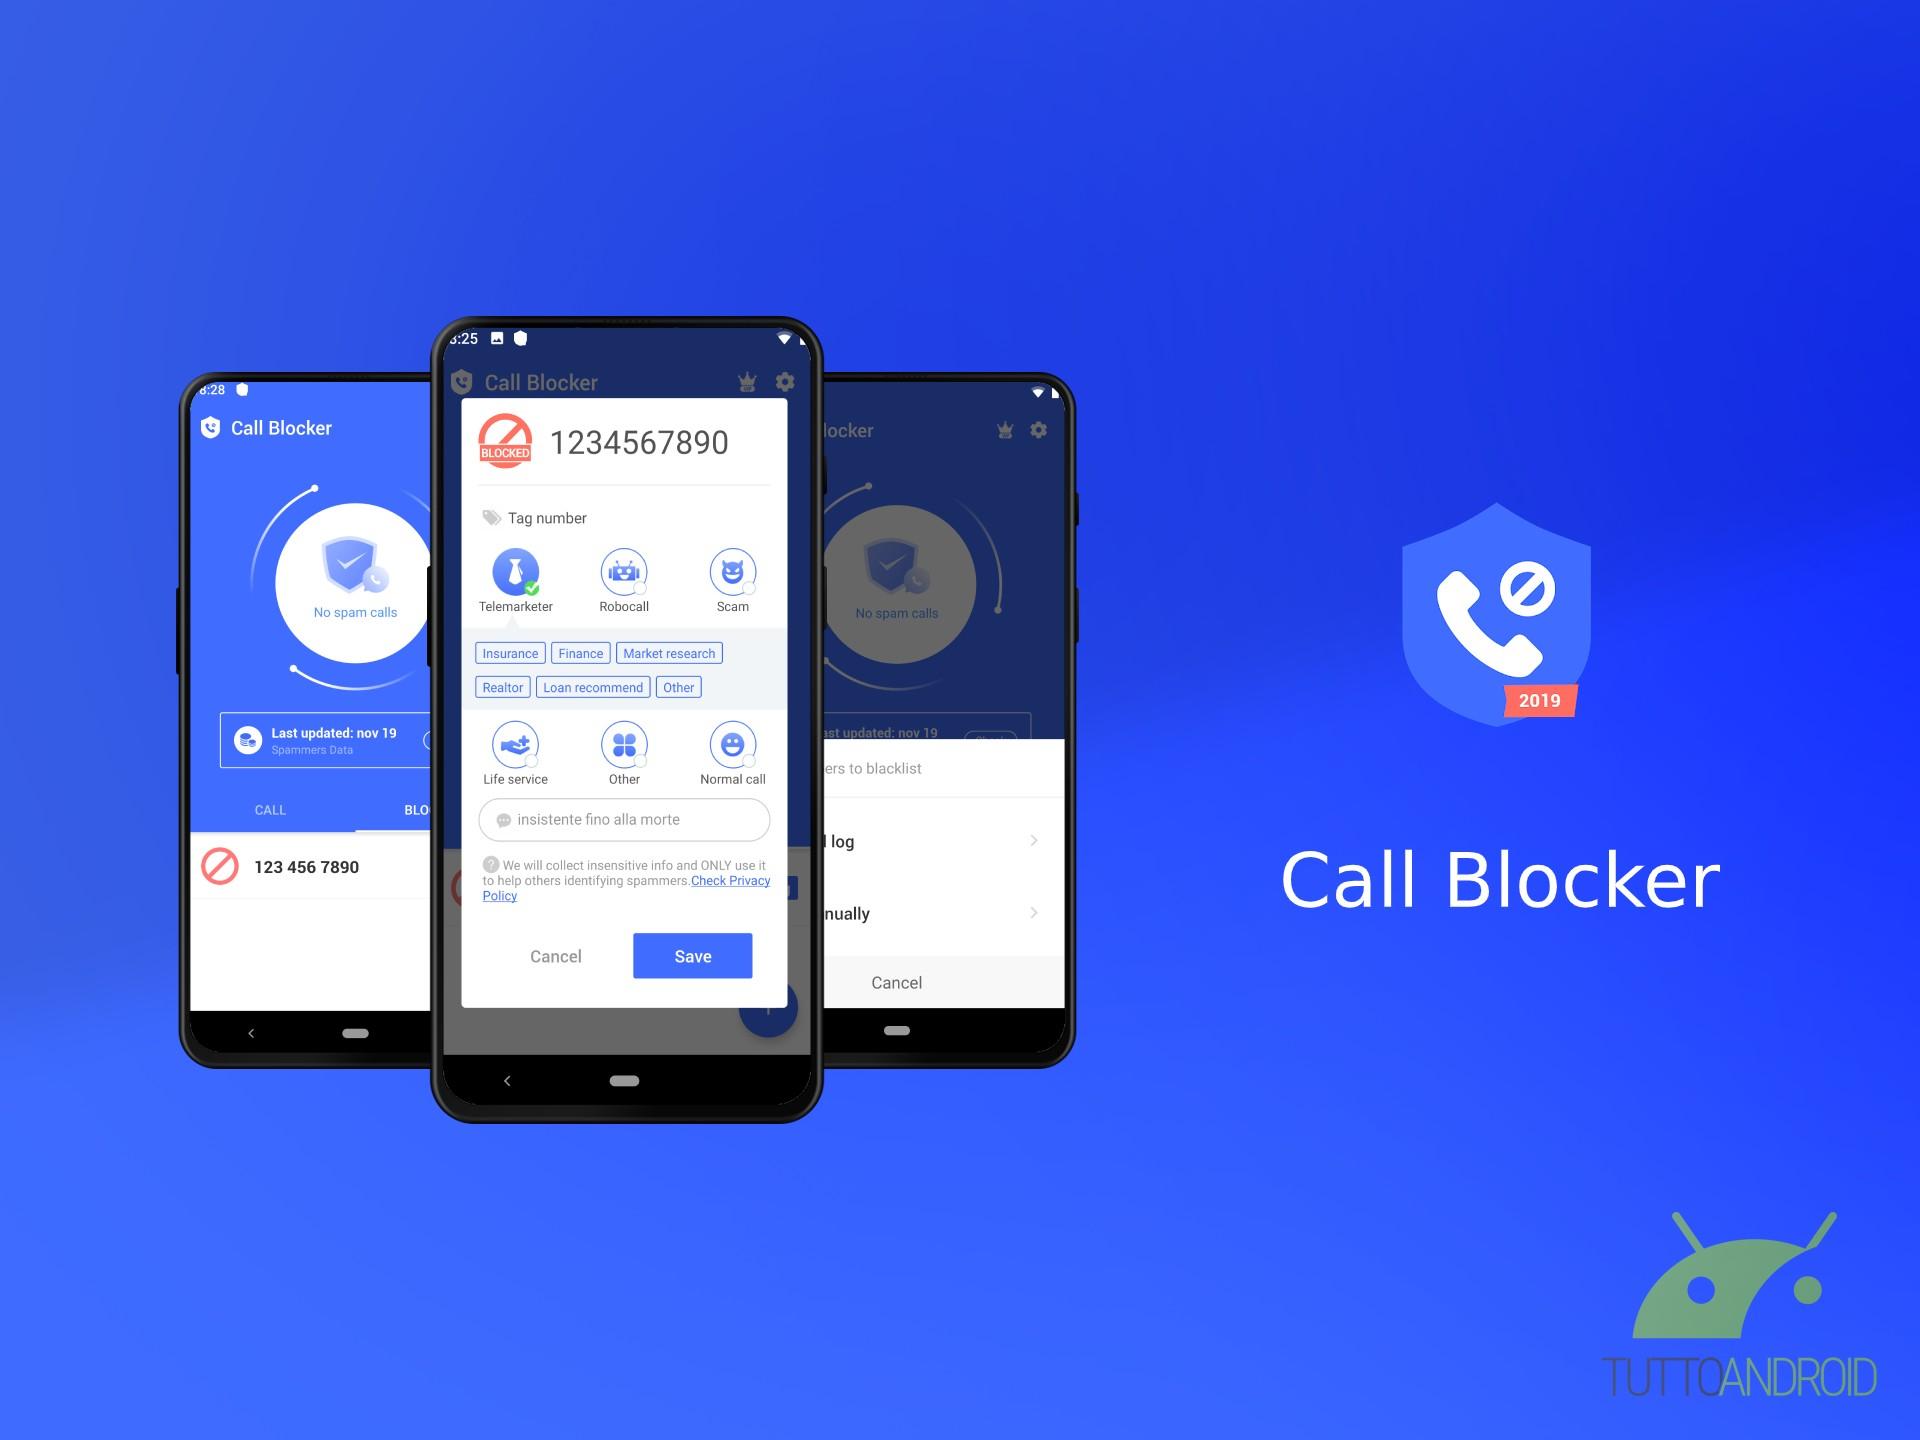 Call Blocker blocca le chiamate indesiderate tramite funzion